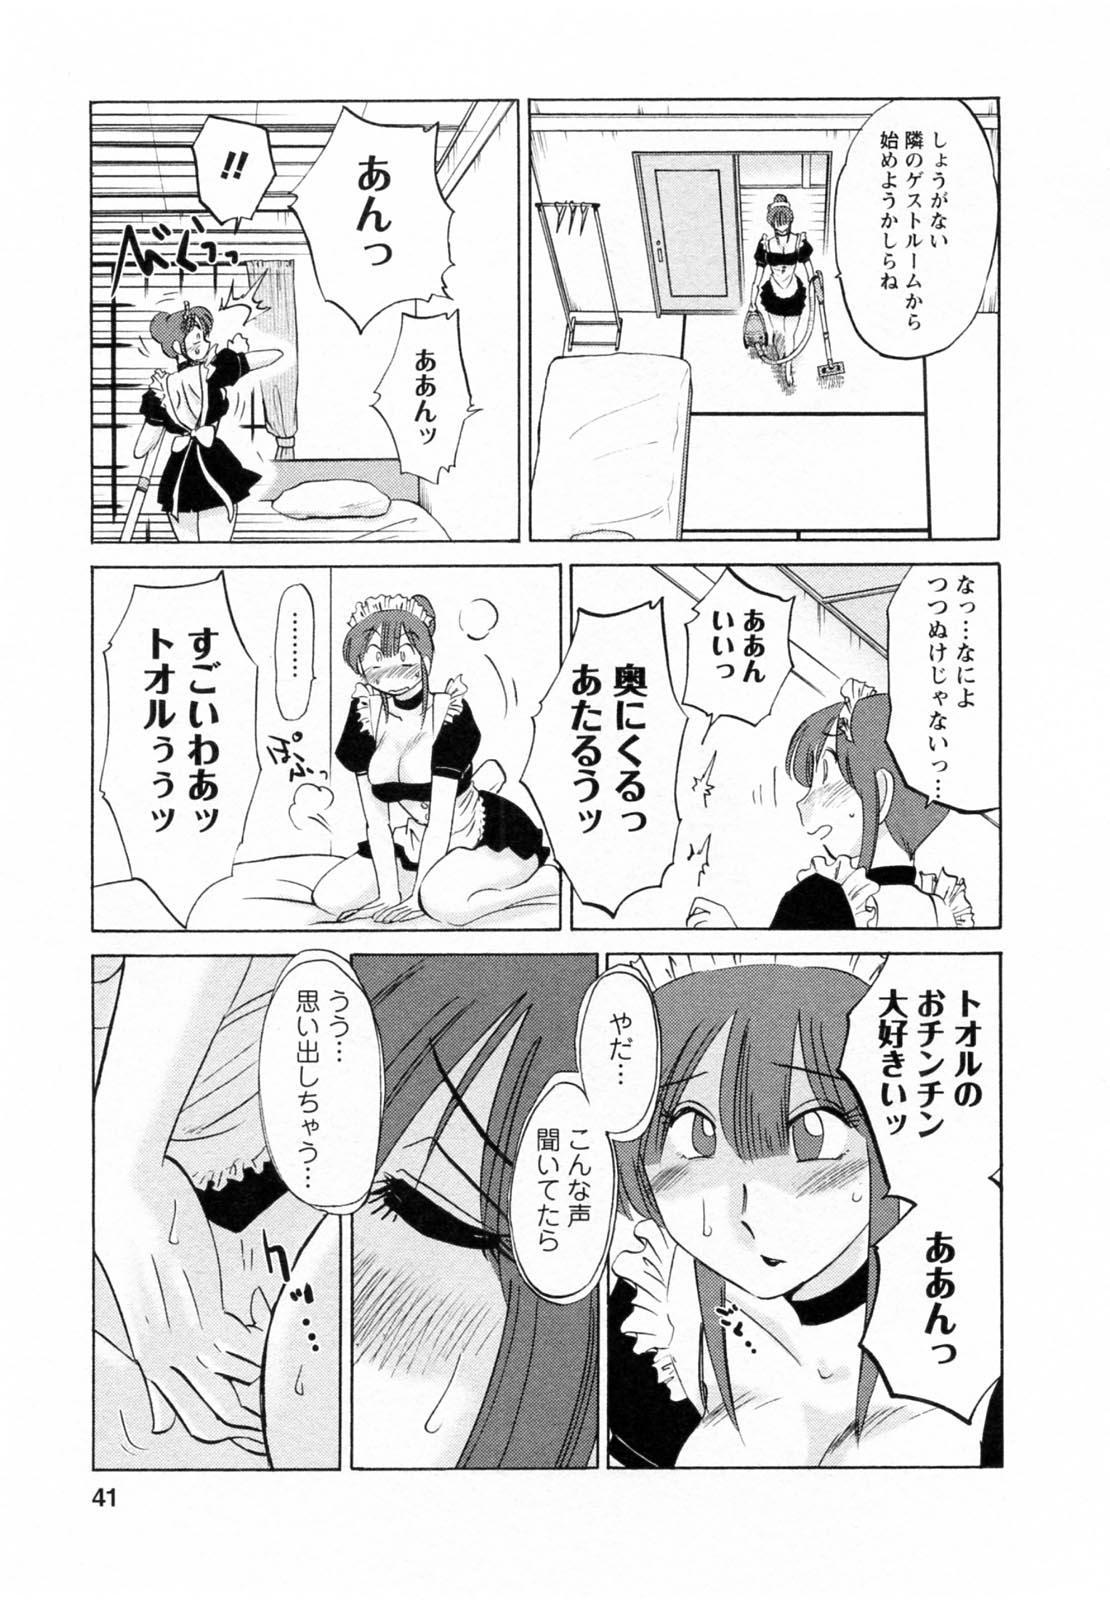 Maid no Mitsukosan Vol.1 40